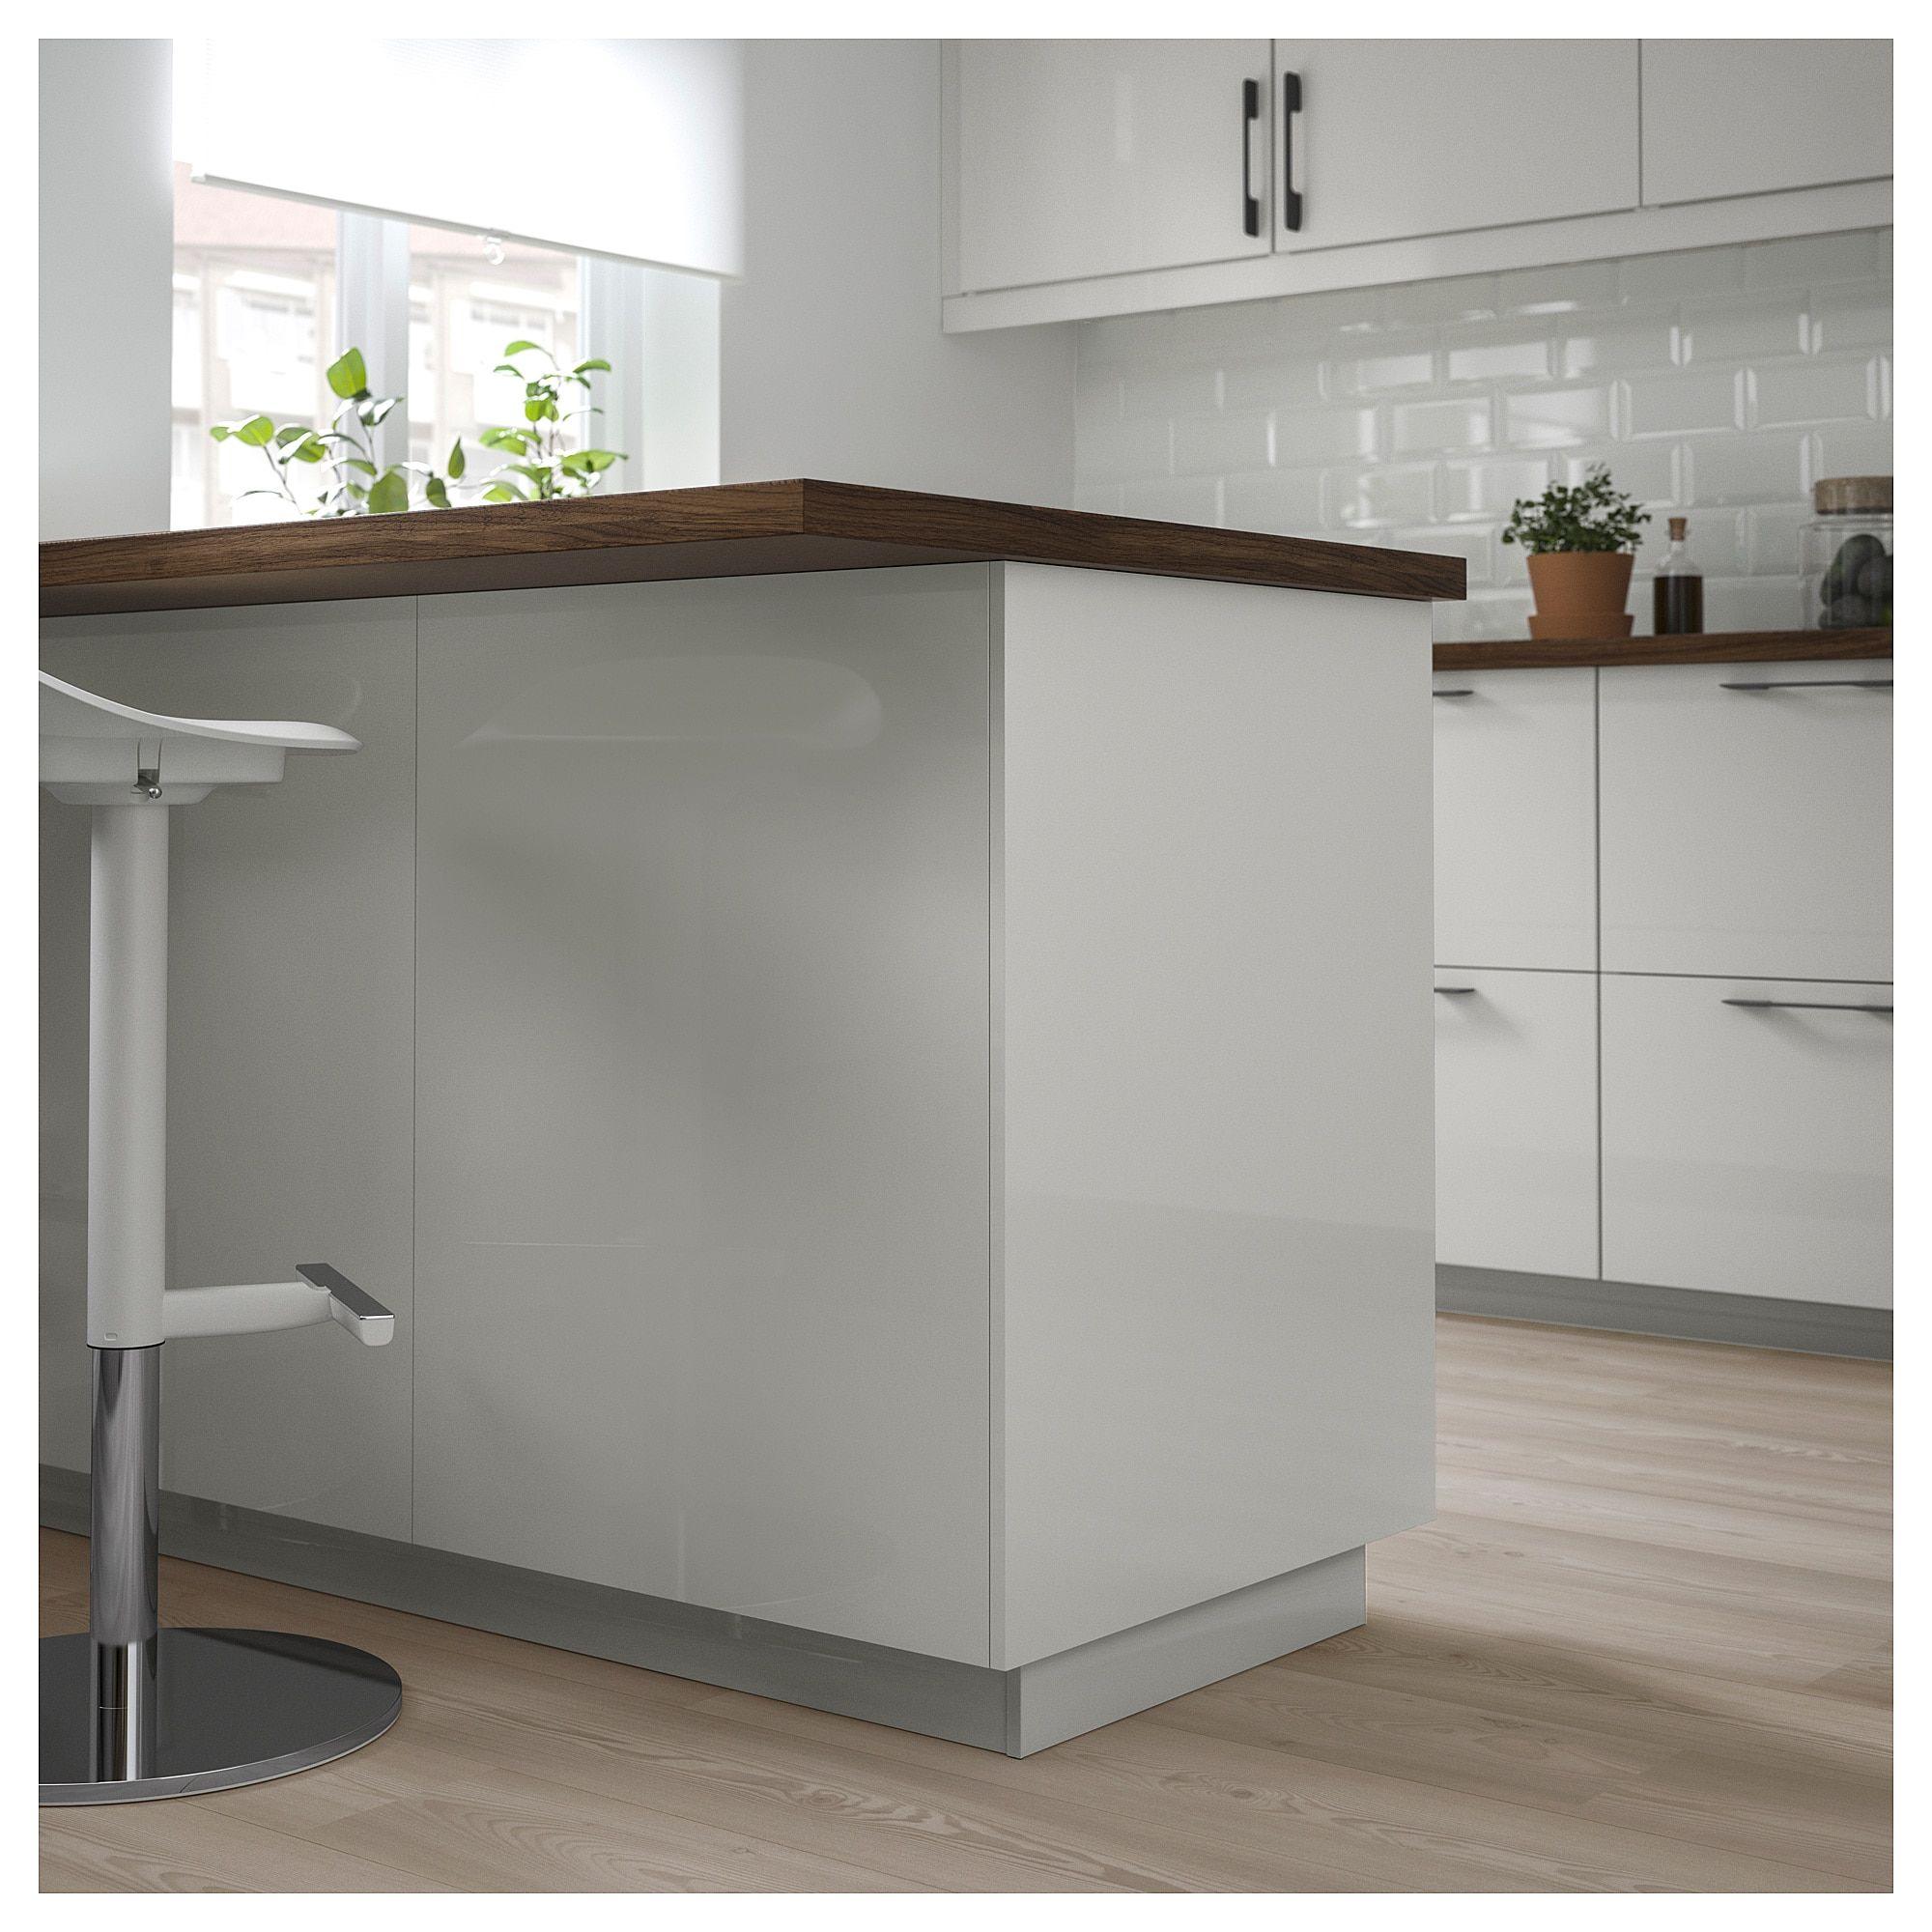 Facades Cuisine Ringhult Gris Clair Boiserie Blanche Ikea Design De Cuisine De Luxe